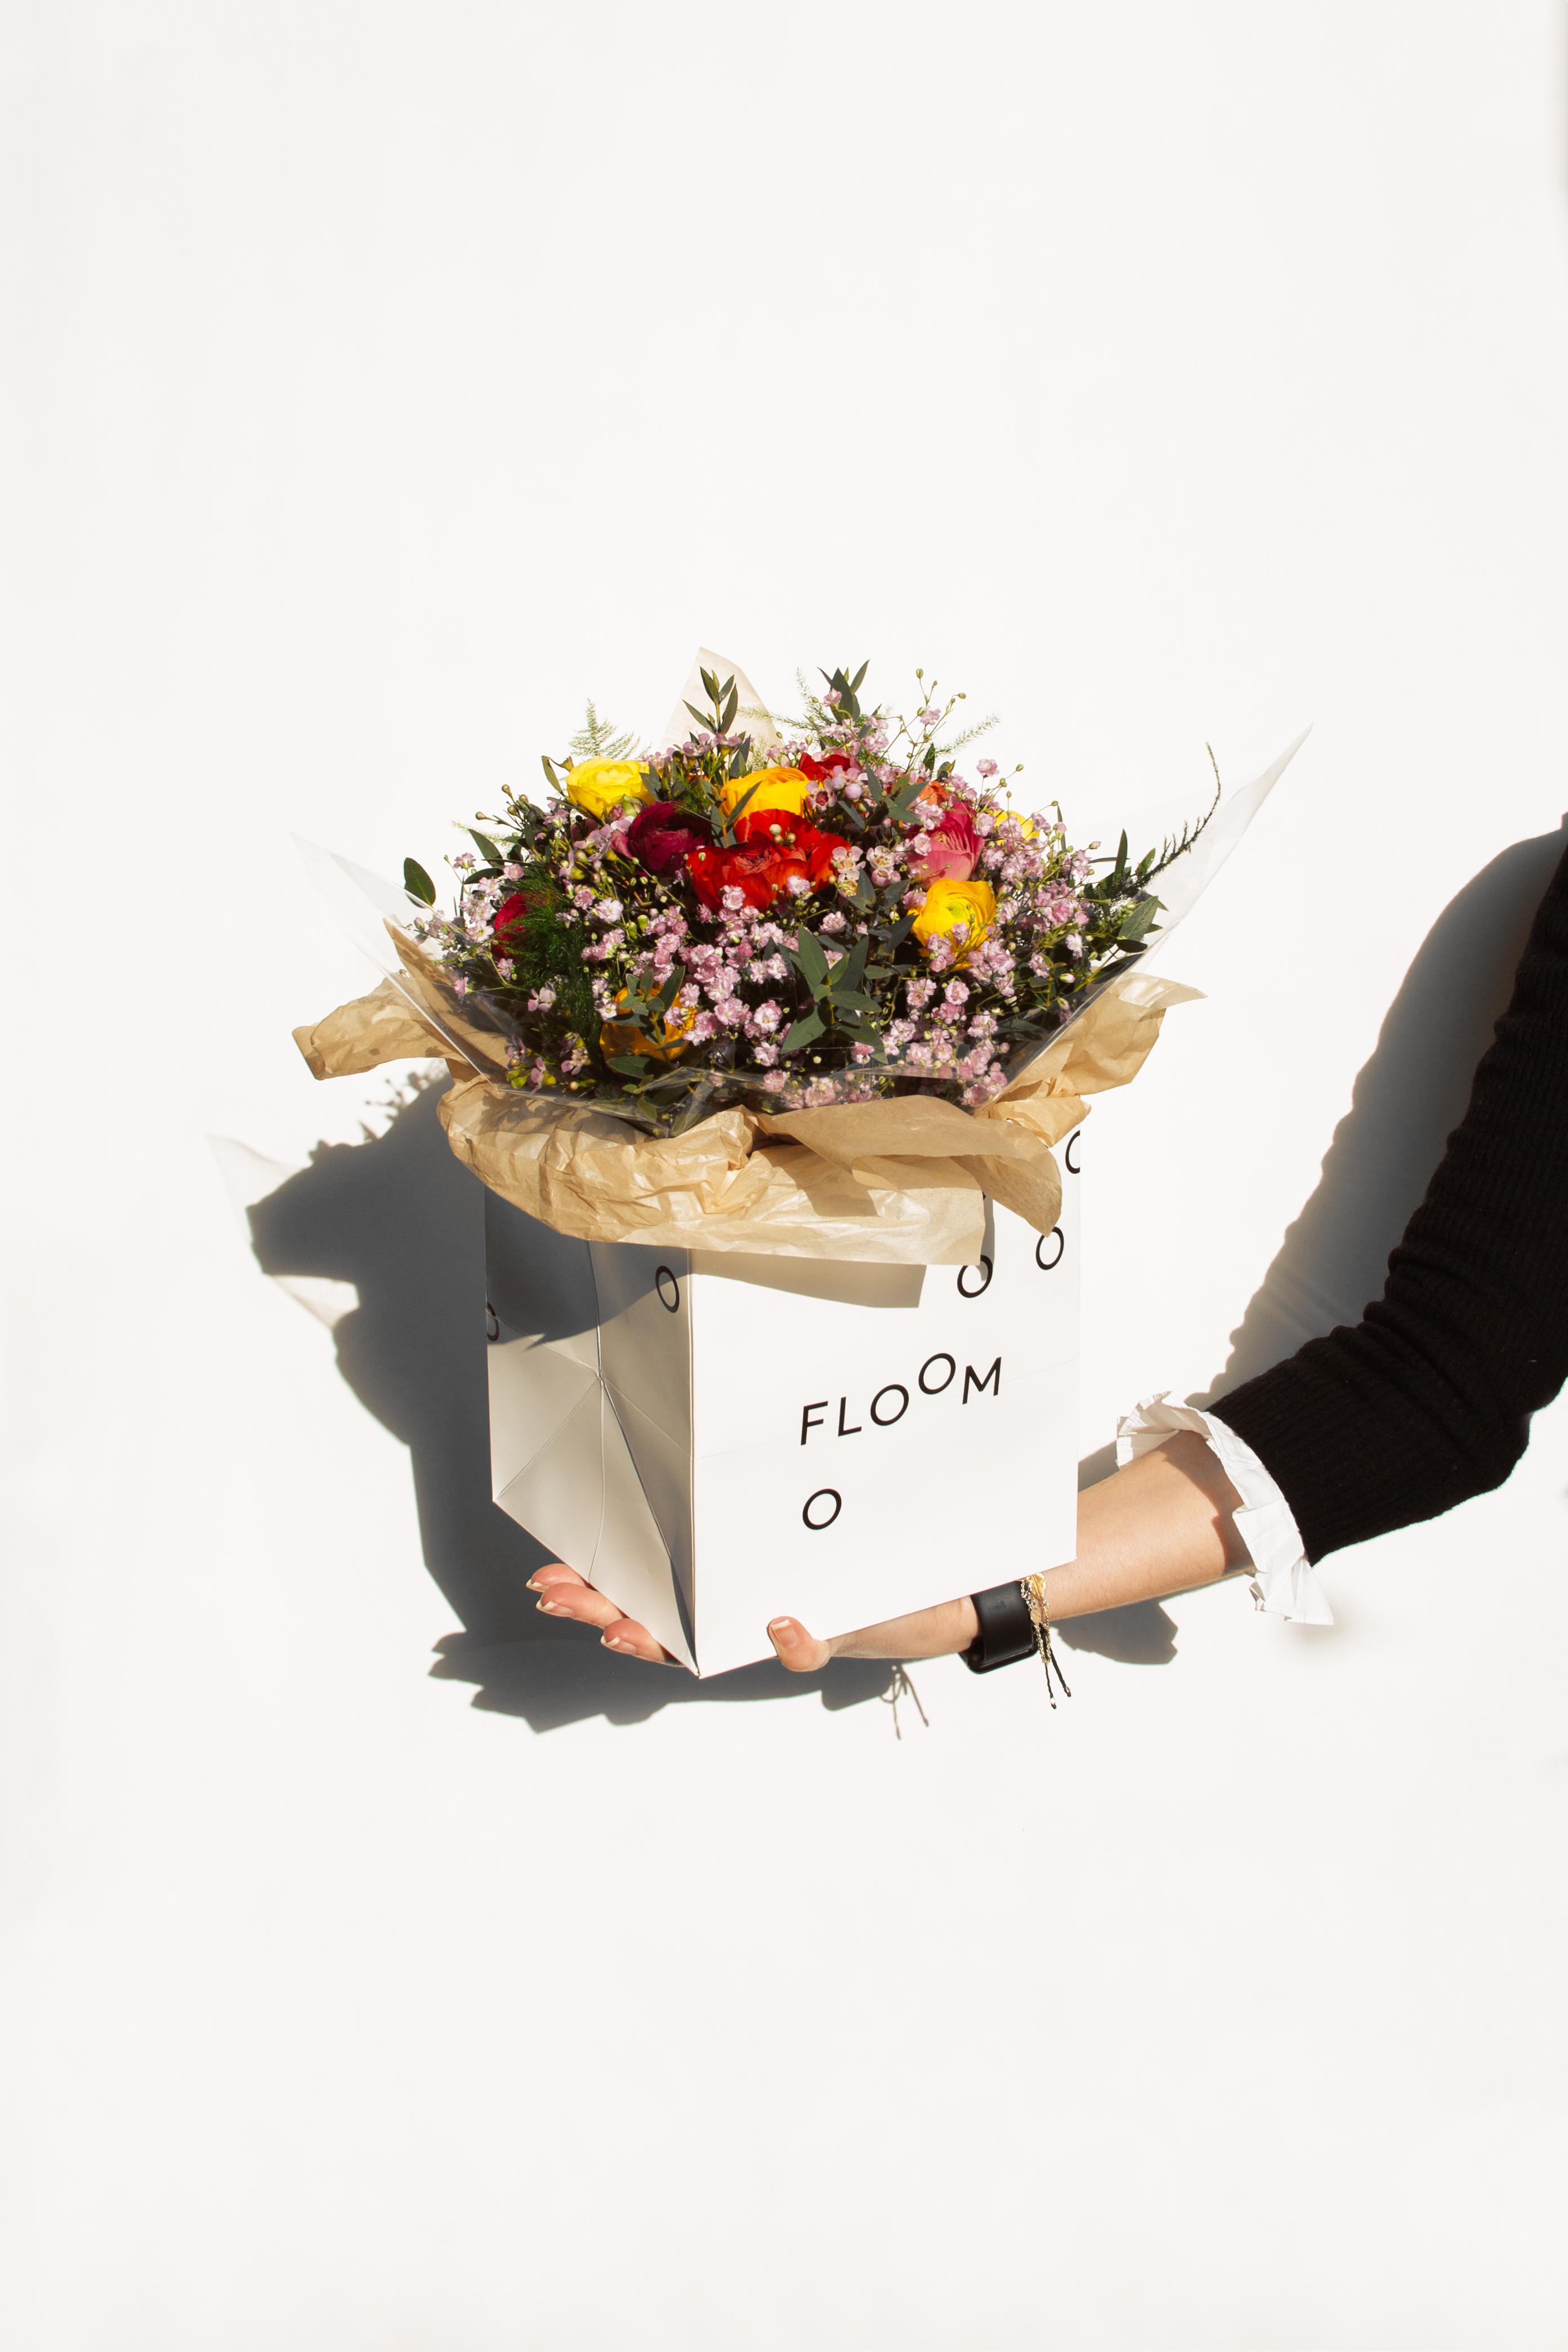 floom-ranunculus